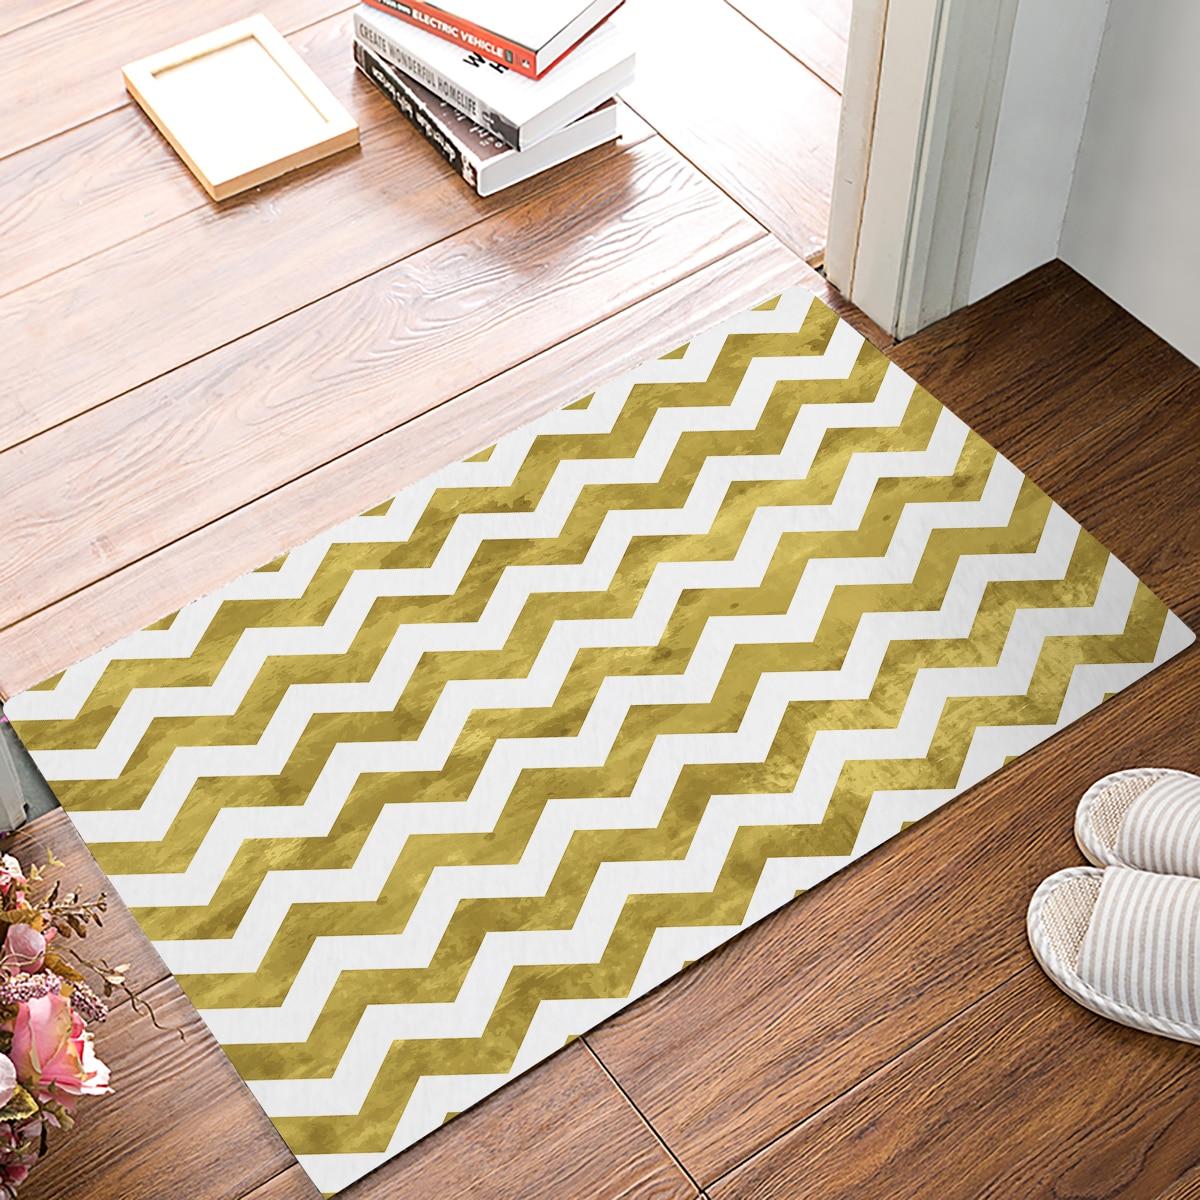 Charmhome Living Room Floor Mat Carpet